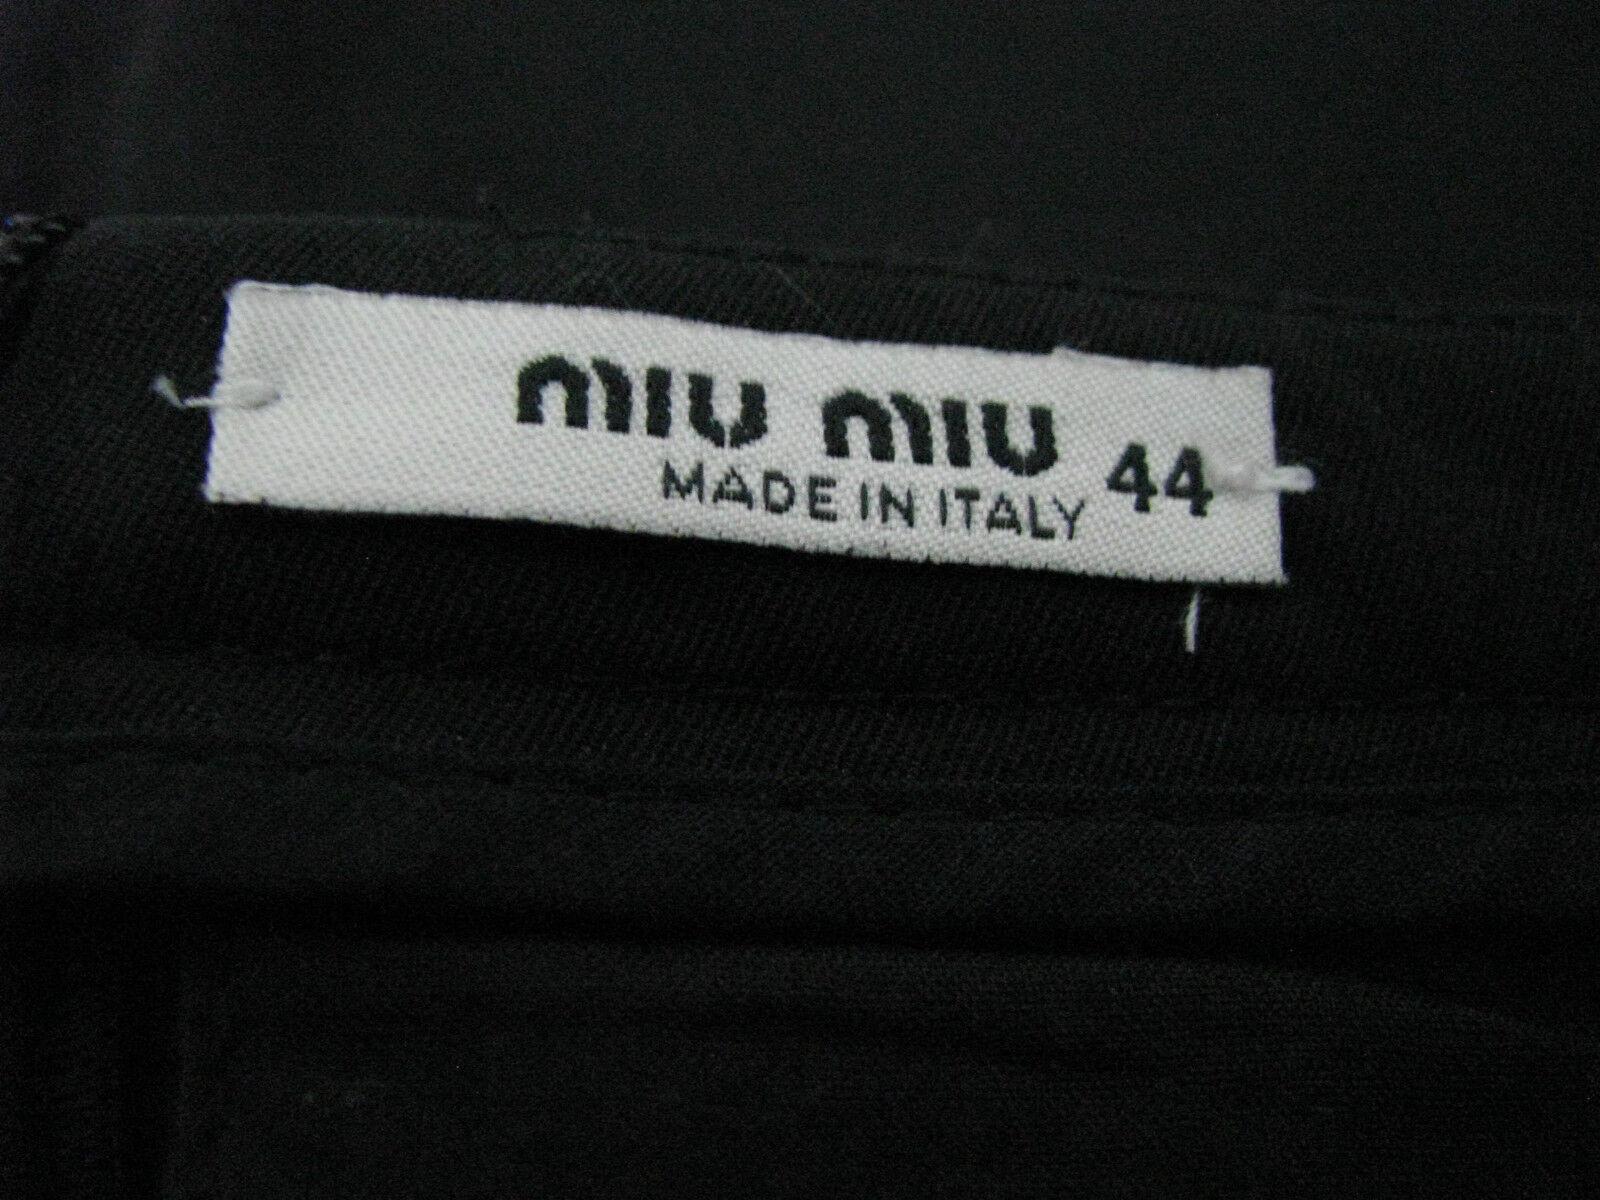 Miu Miu Negro De Lana     Falda De Algodón Talle 44 bd80ca